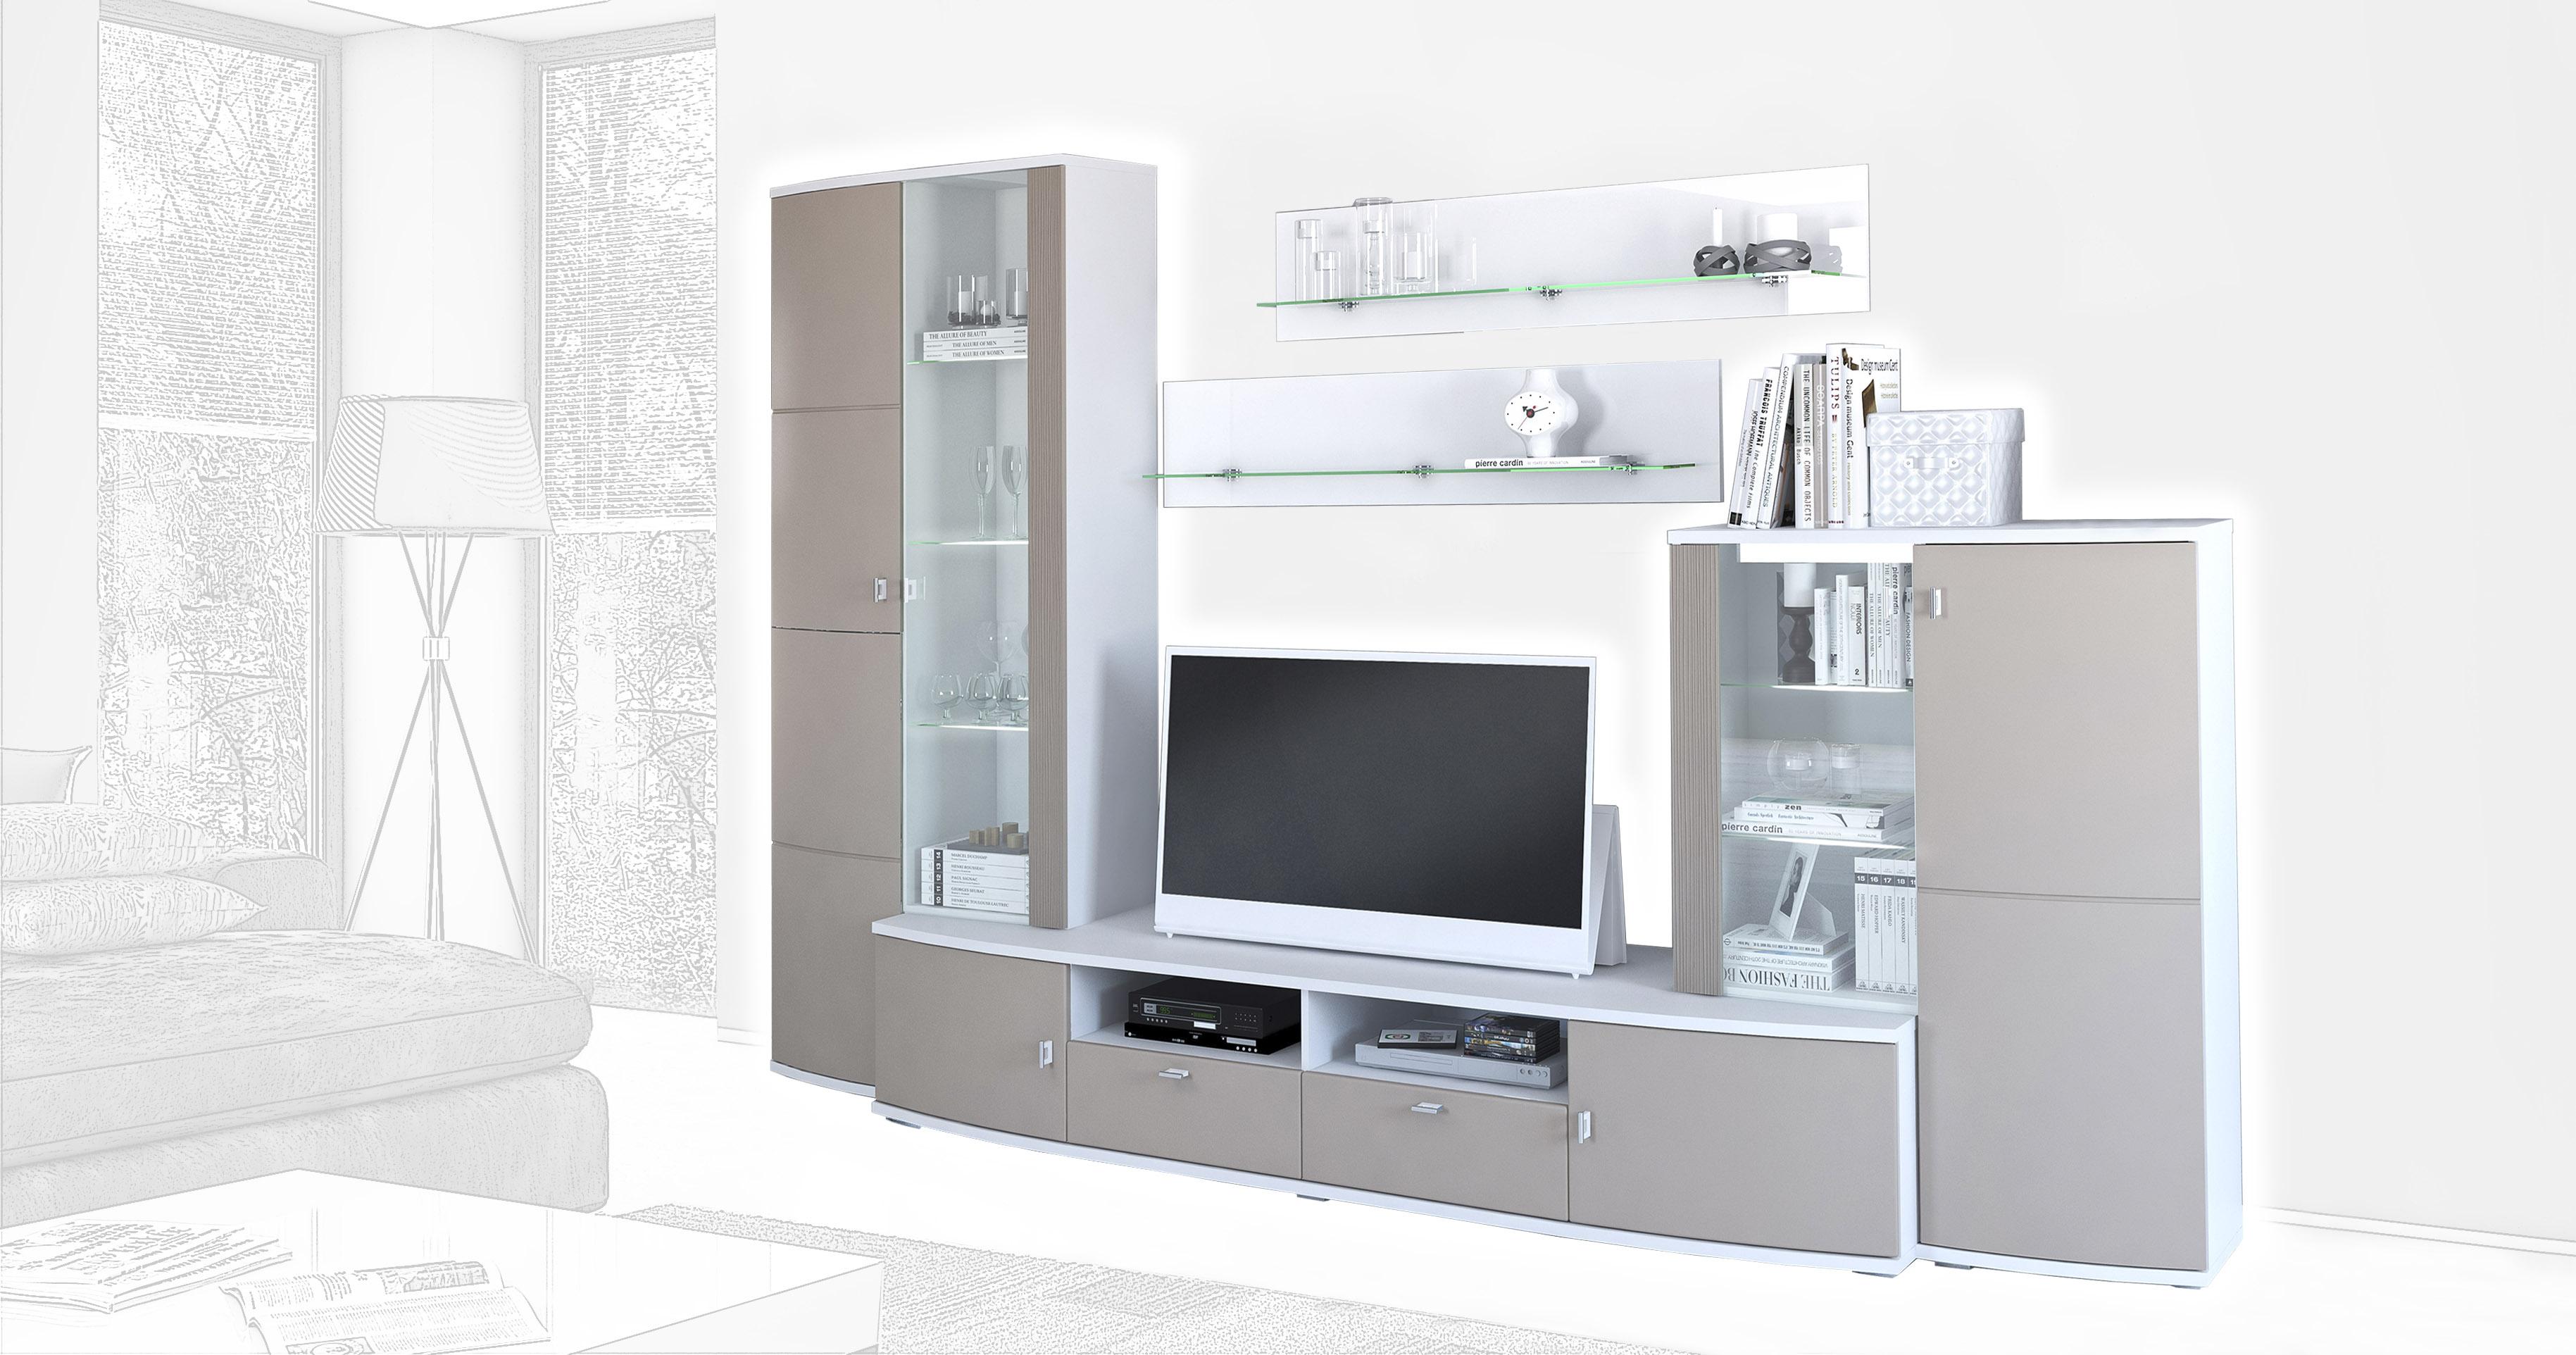 Стенка Интердизайн Монако белый/коричневый 202x298x55 см (композиция 3)